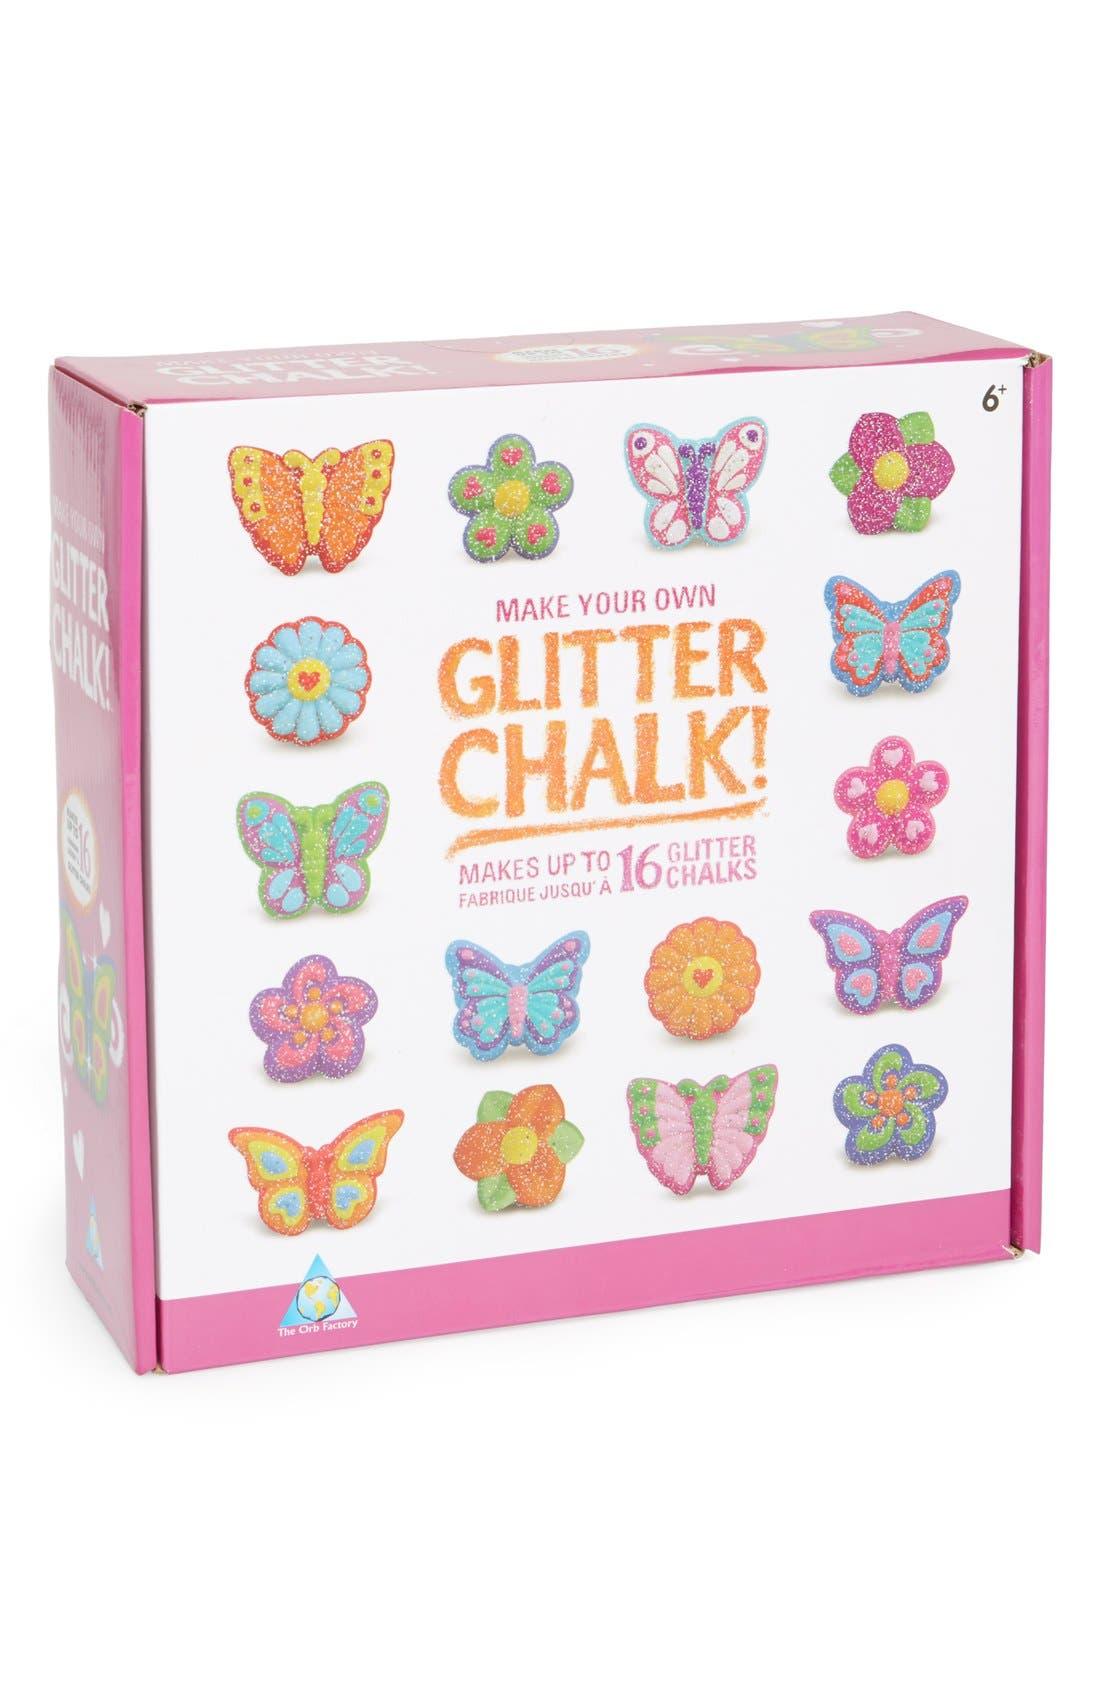 Alternate Image 1 Selected - Imaginista 'Make Your Own Glitter Chalk' Kit